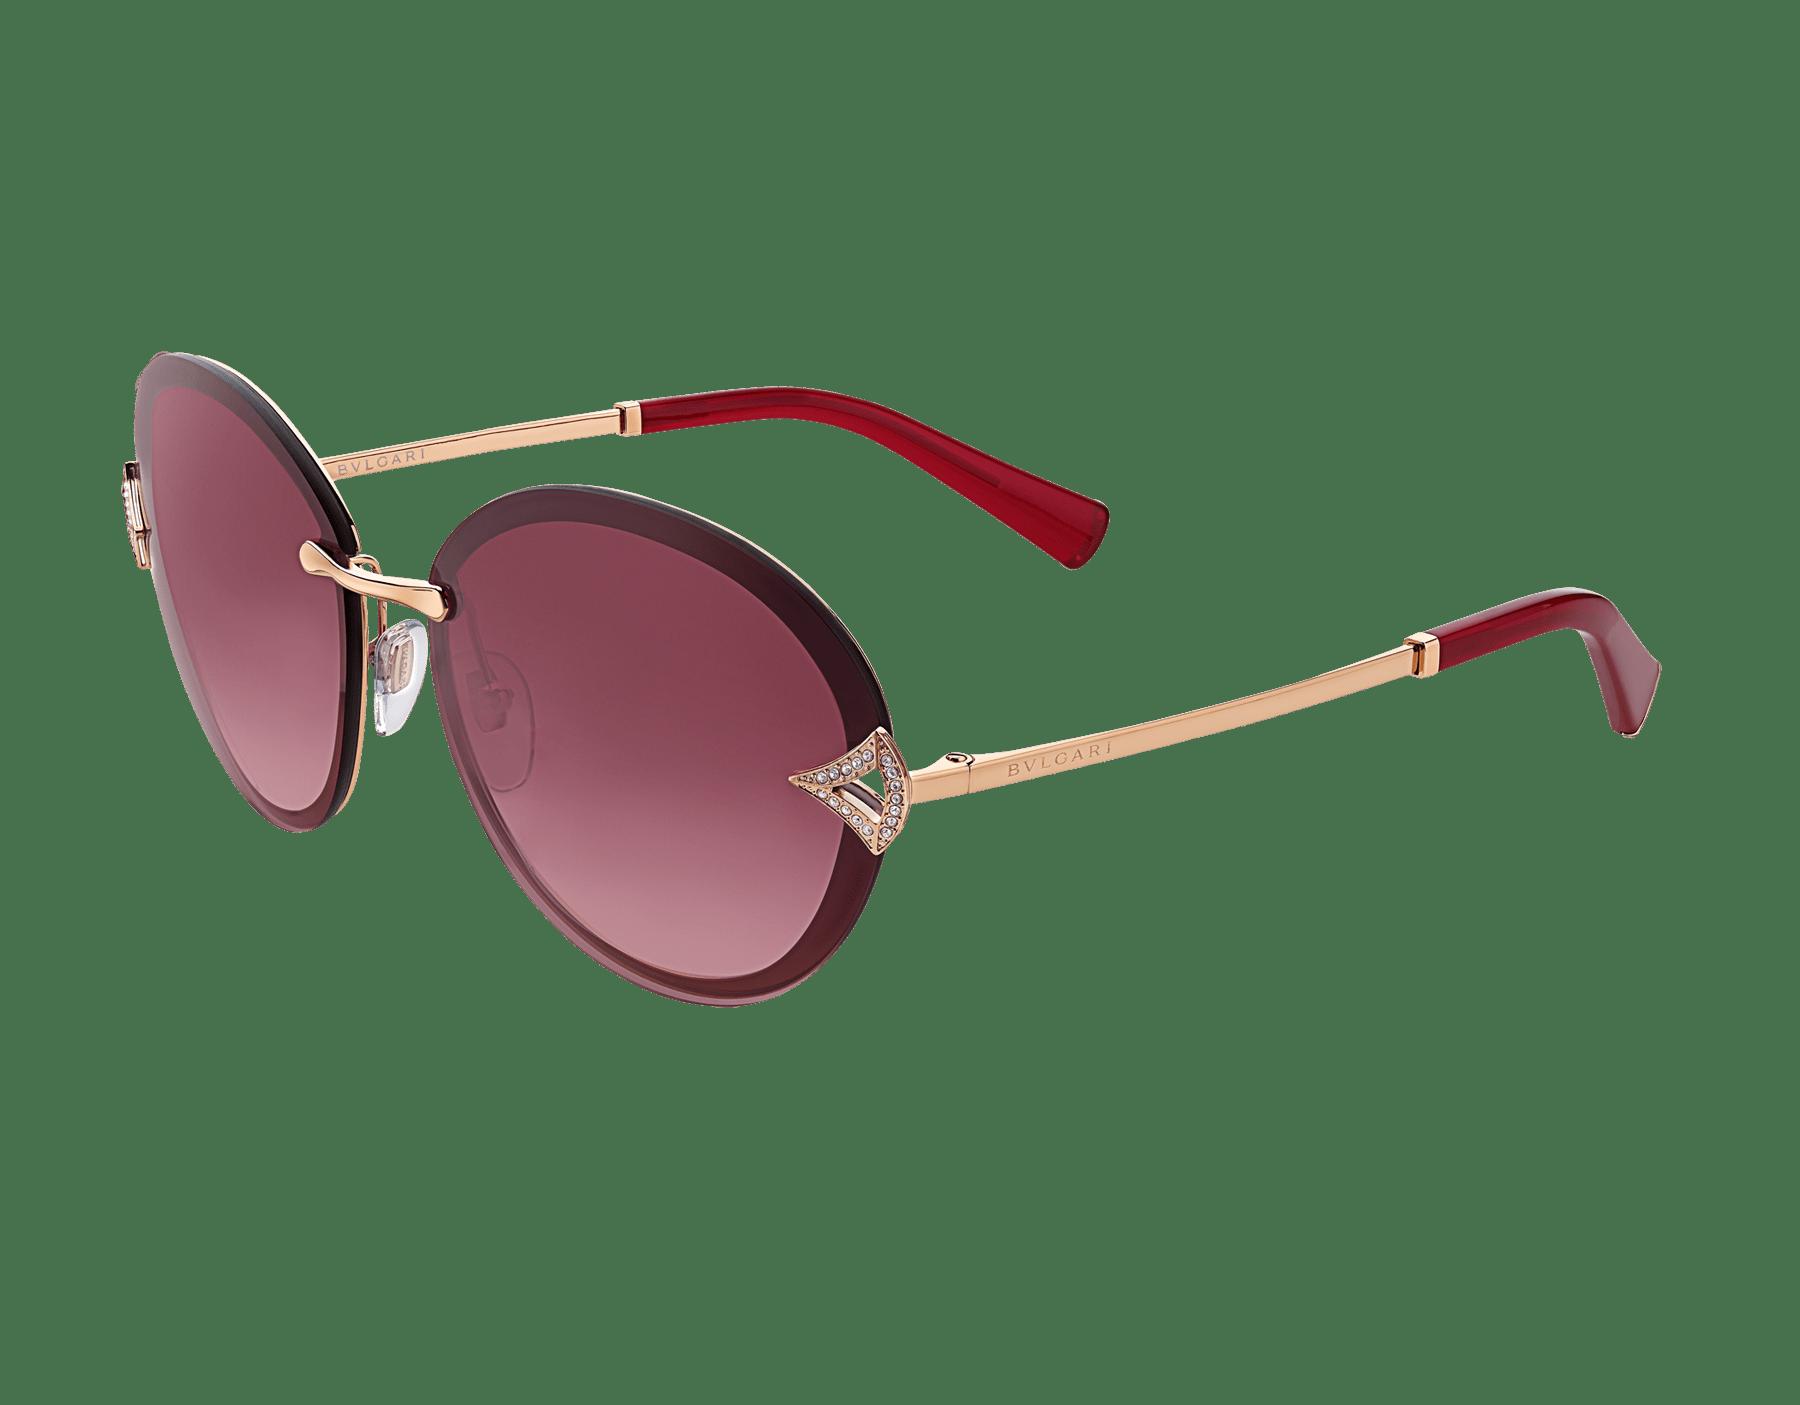 寶格麗 Divas' Dream 圓形金屬太陽眼鏡,Divas' Dream 扇形元素鑲飾水晶。 903910 image 1